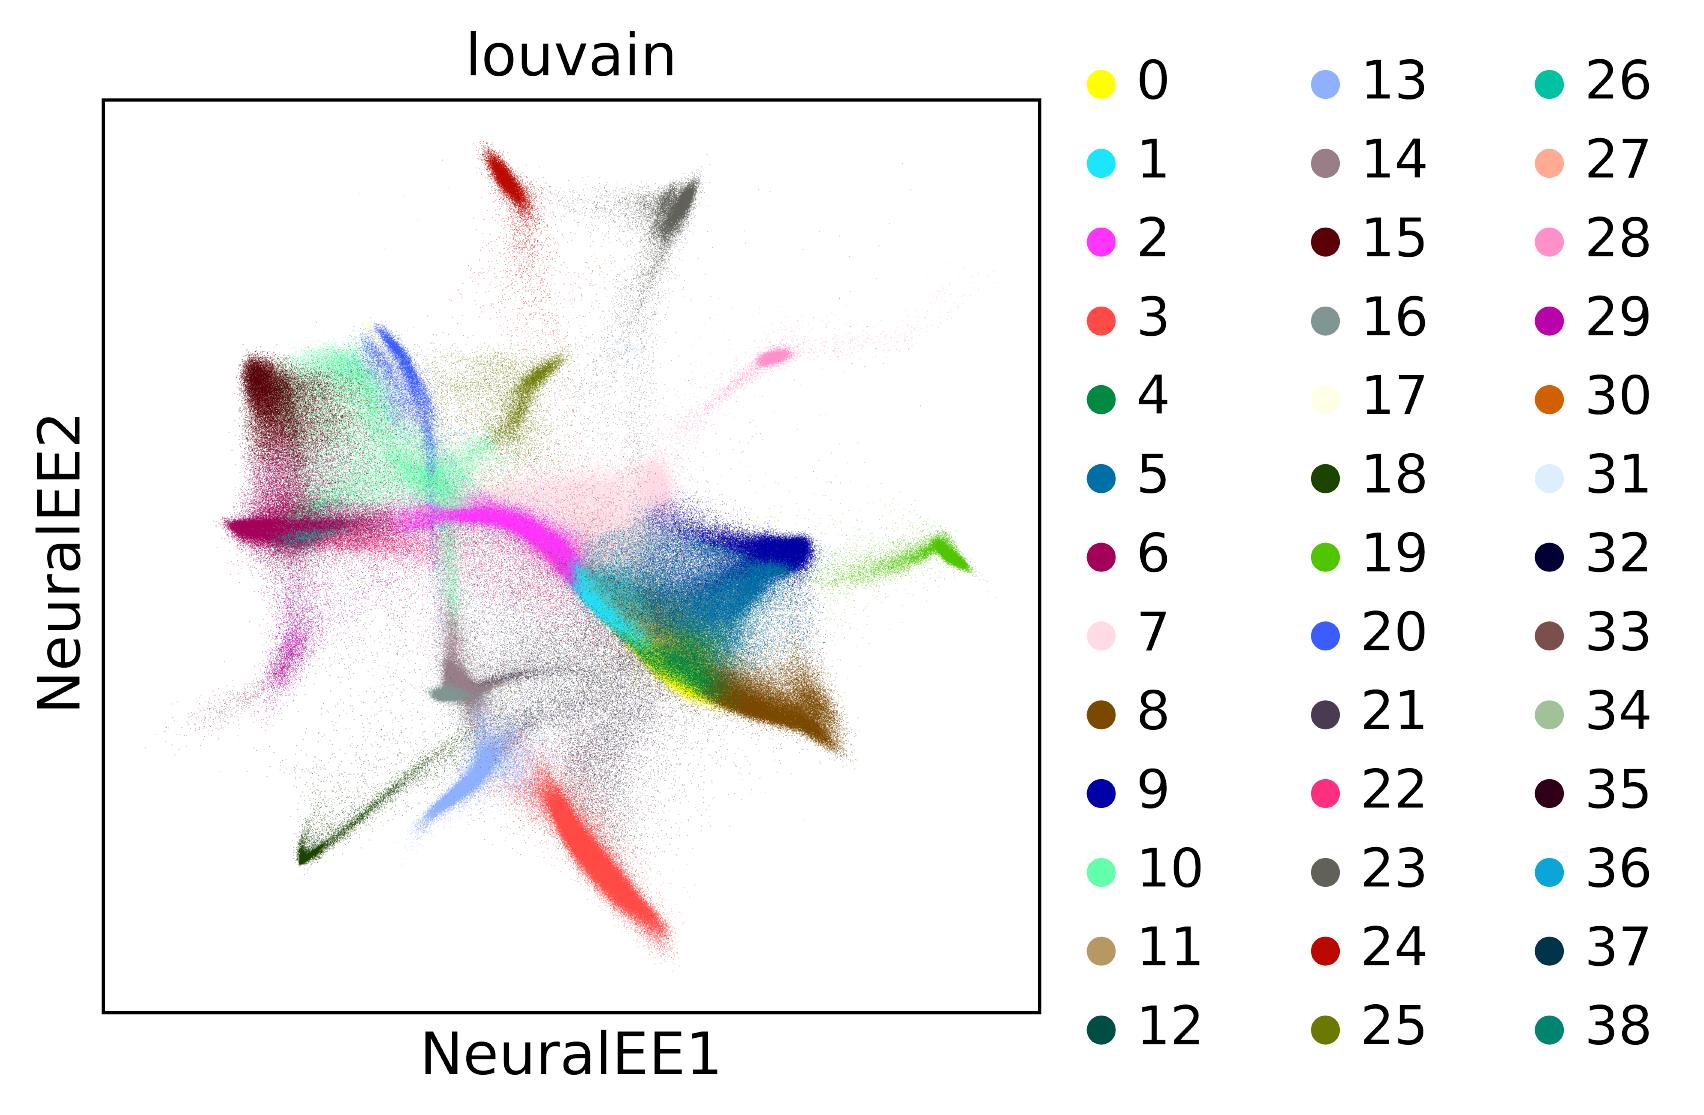 NeuralEE of BRAIN LARGE